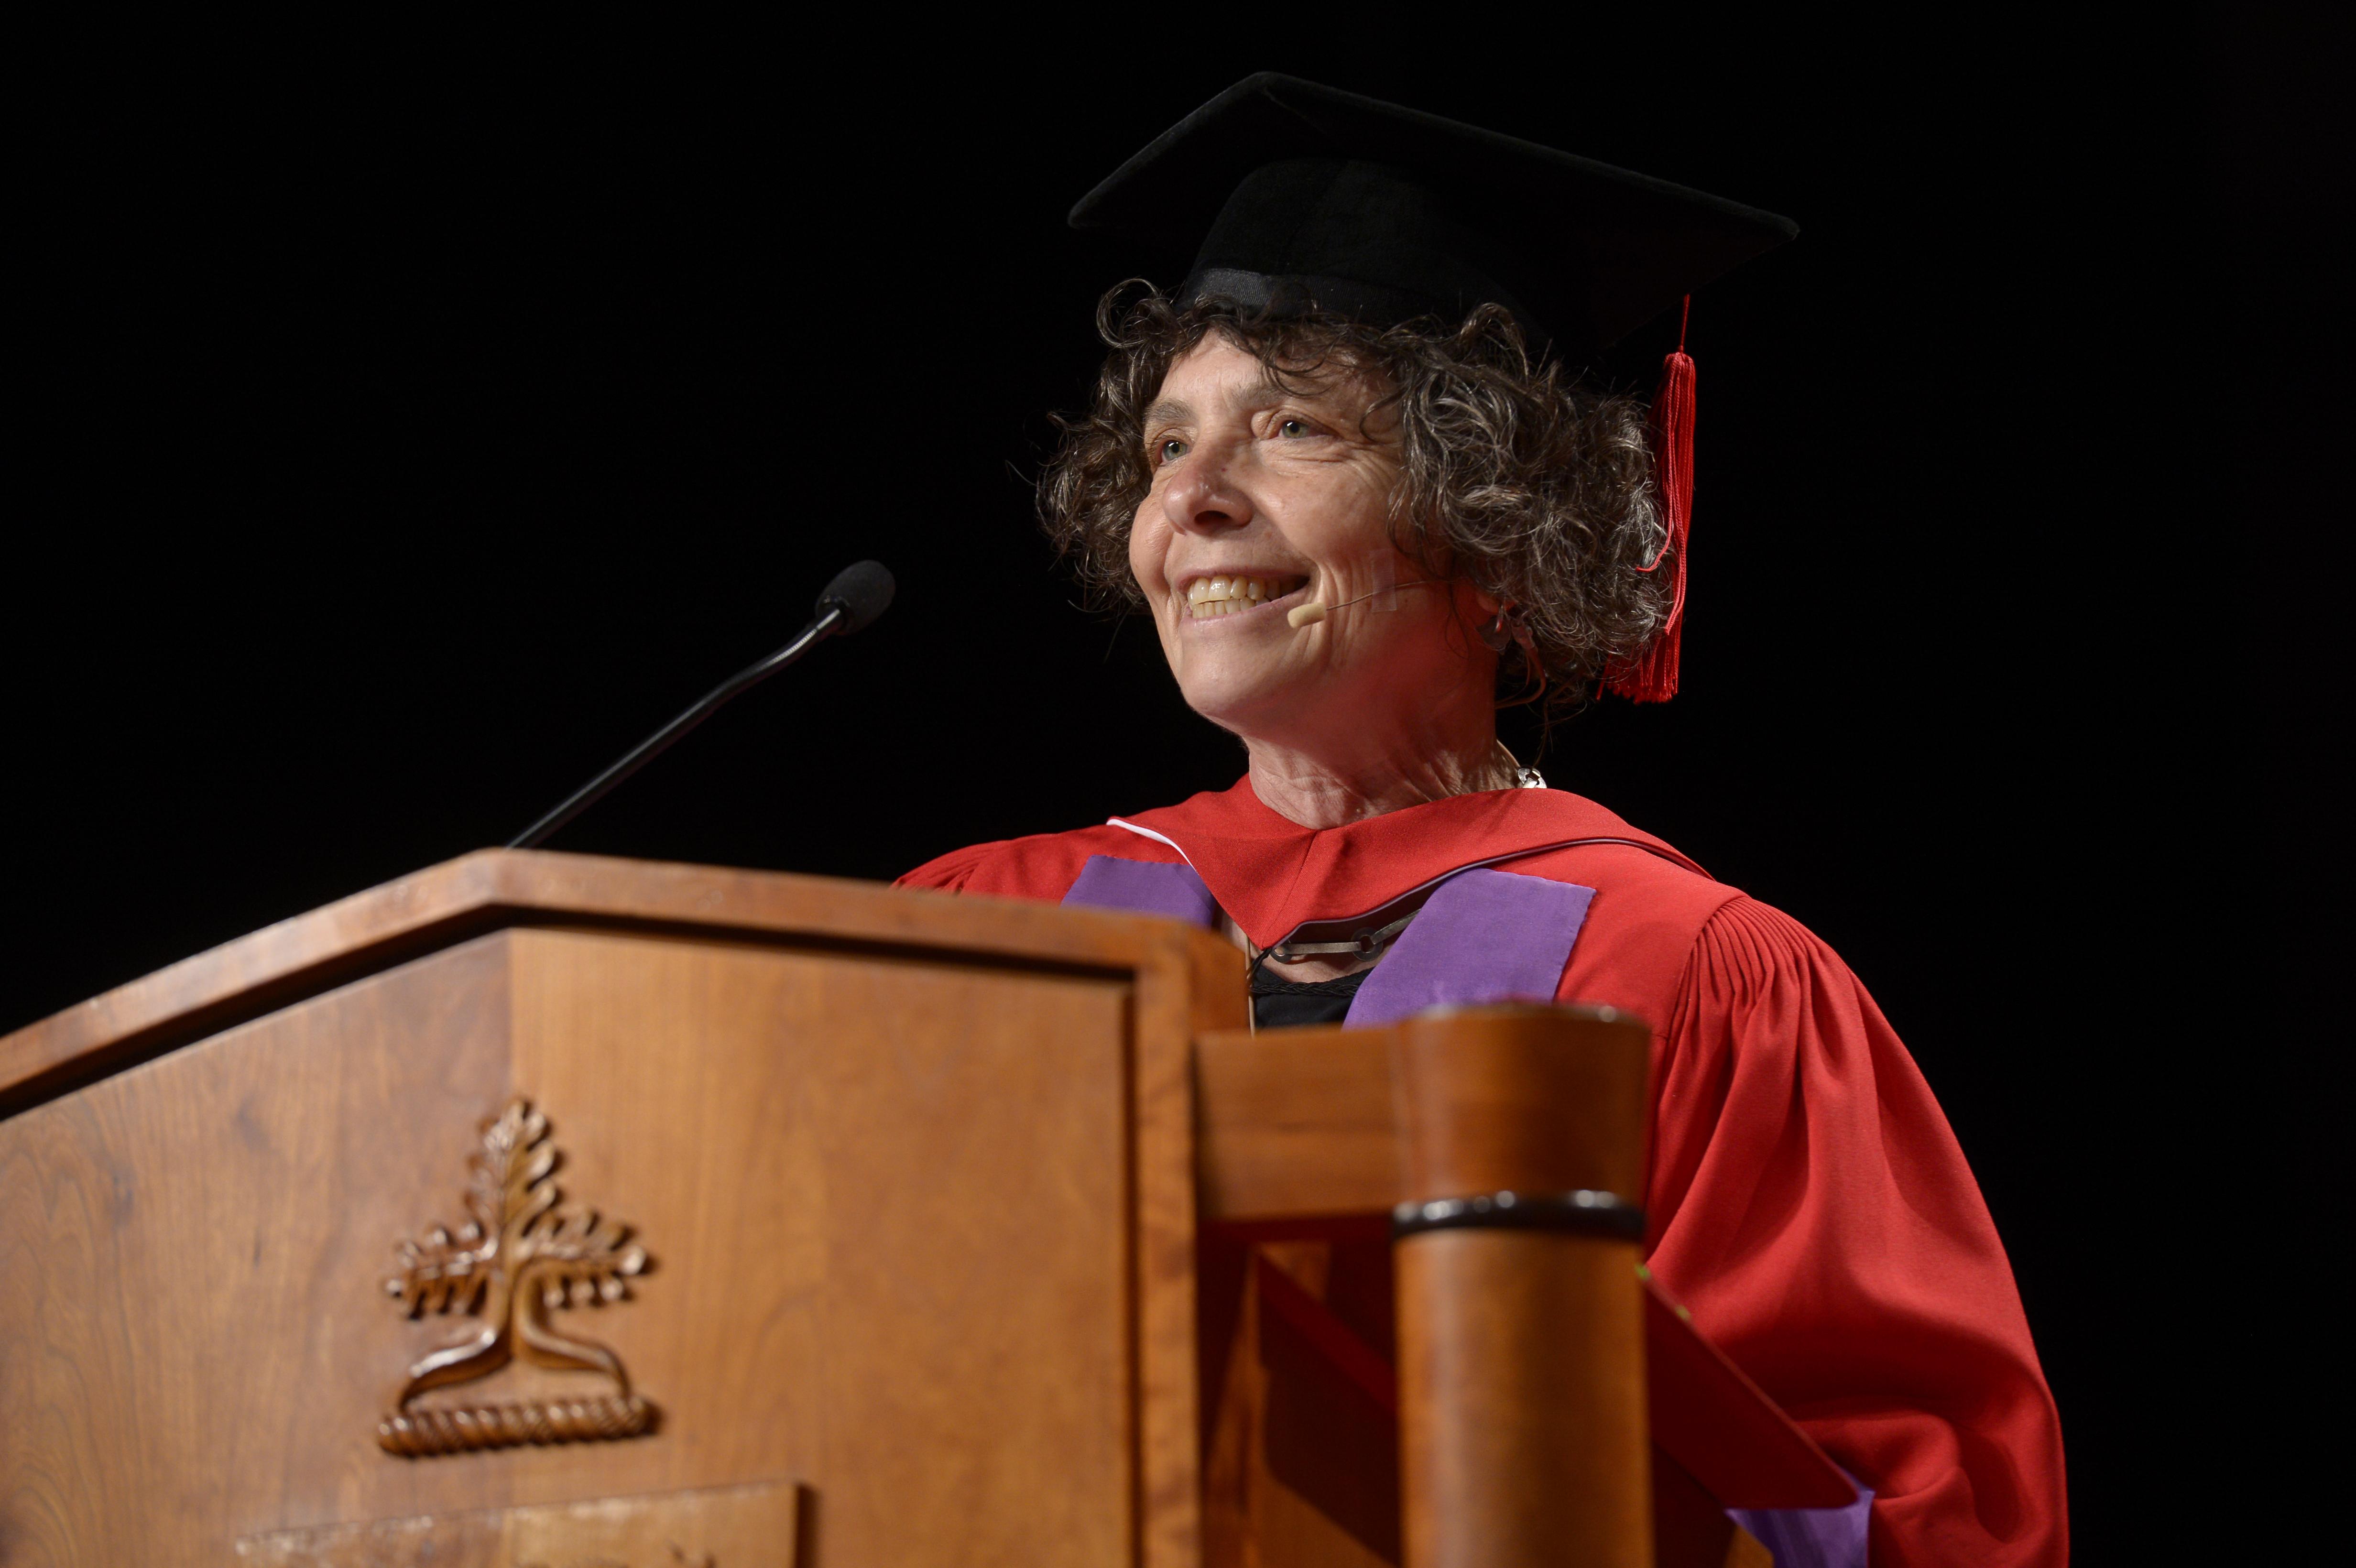 Debbie Field speaking at a podium